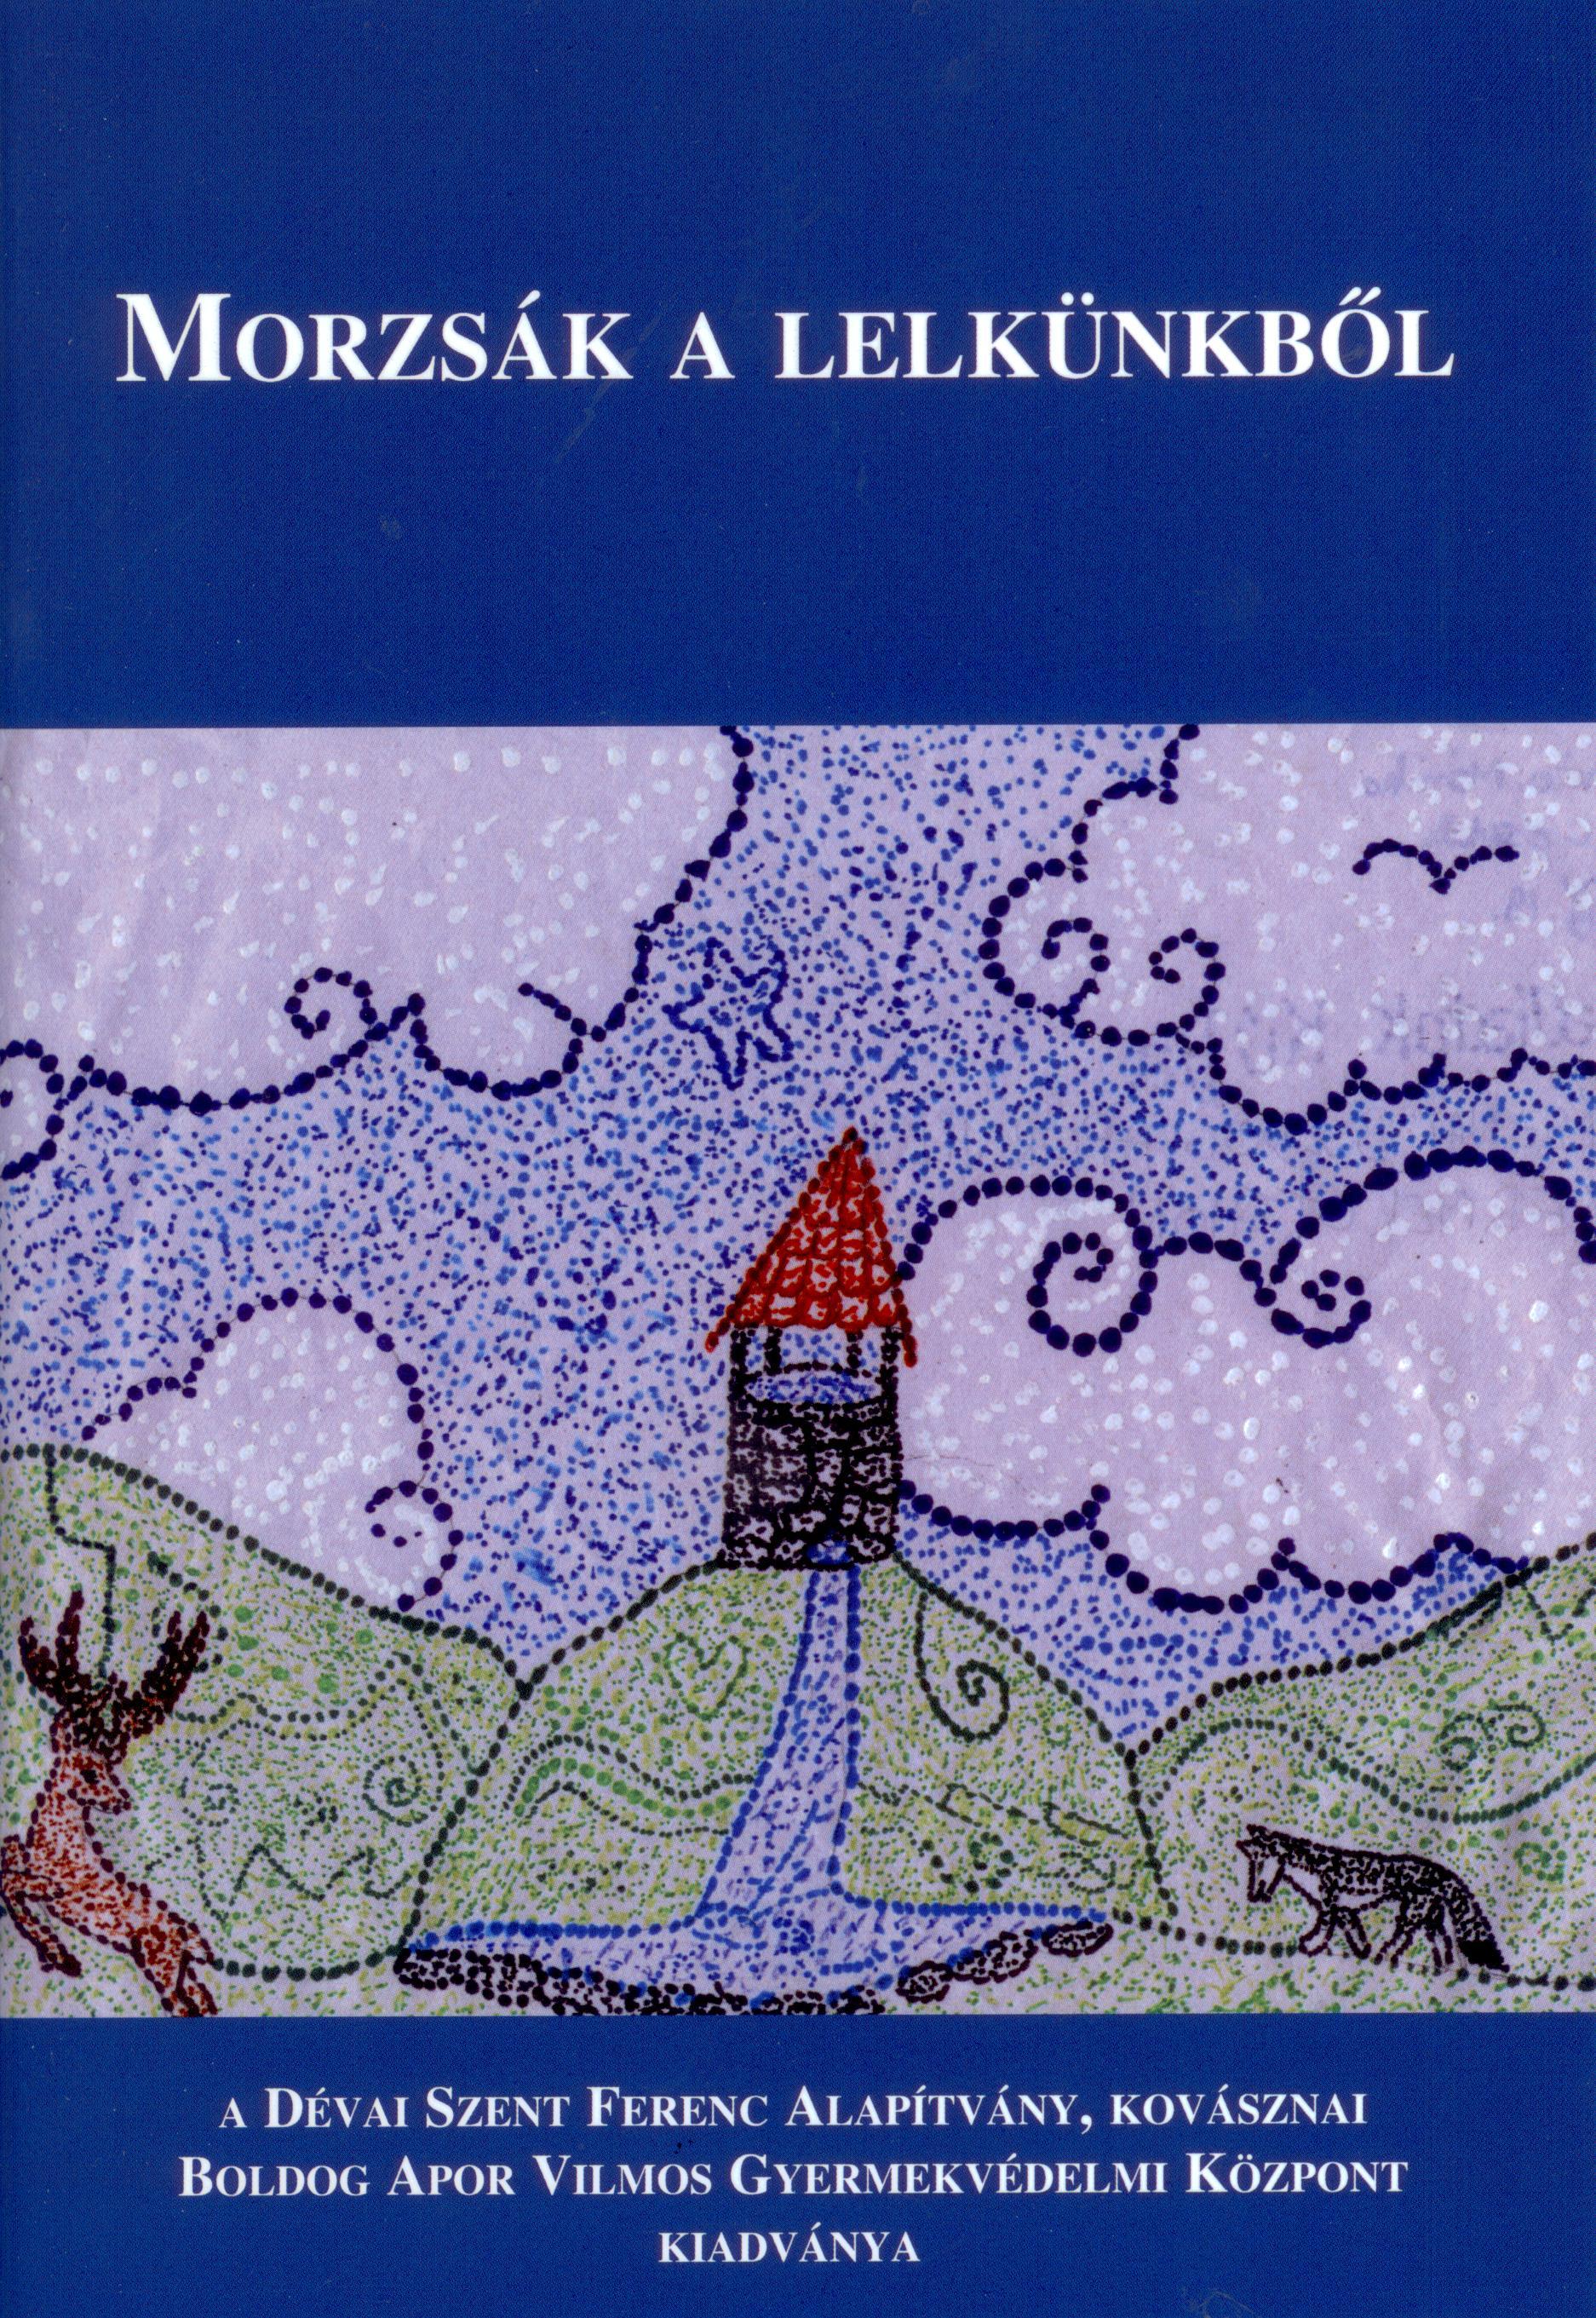 10_Morzsak_A_Lelkunkbol